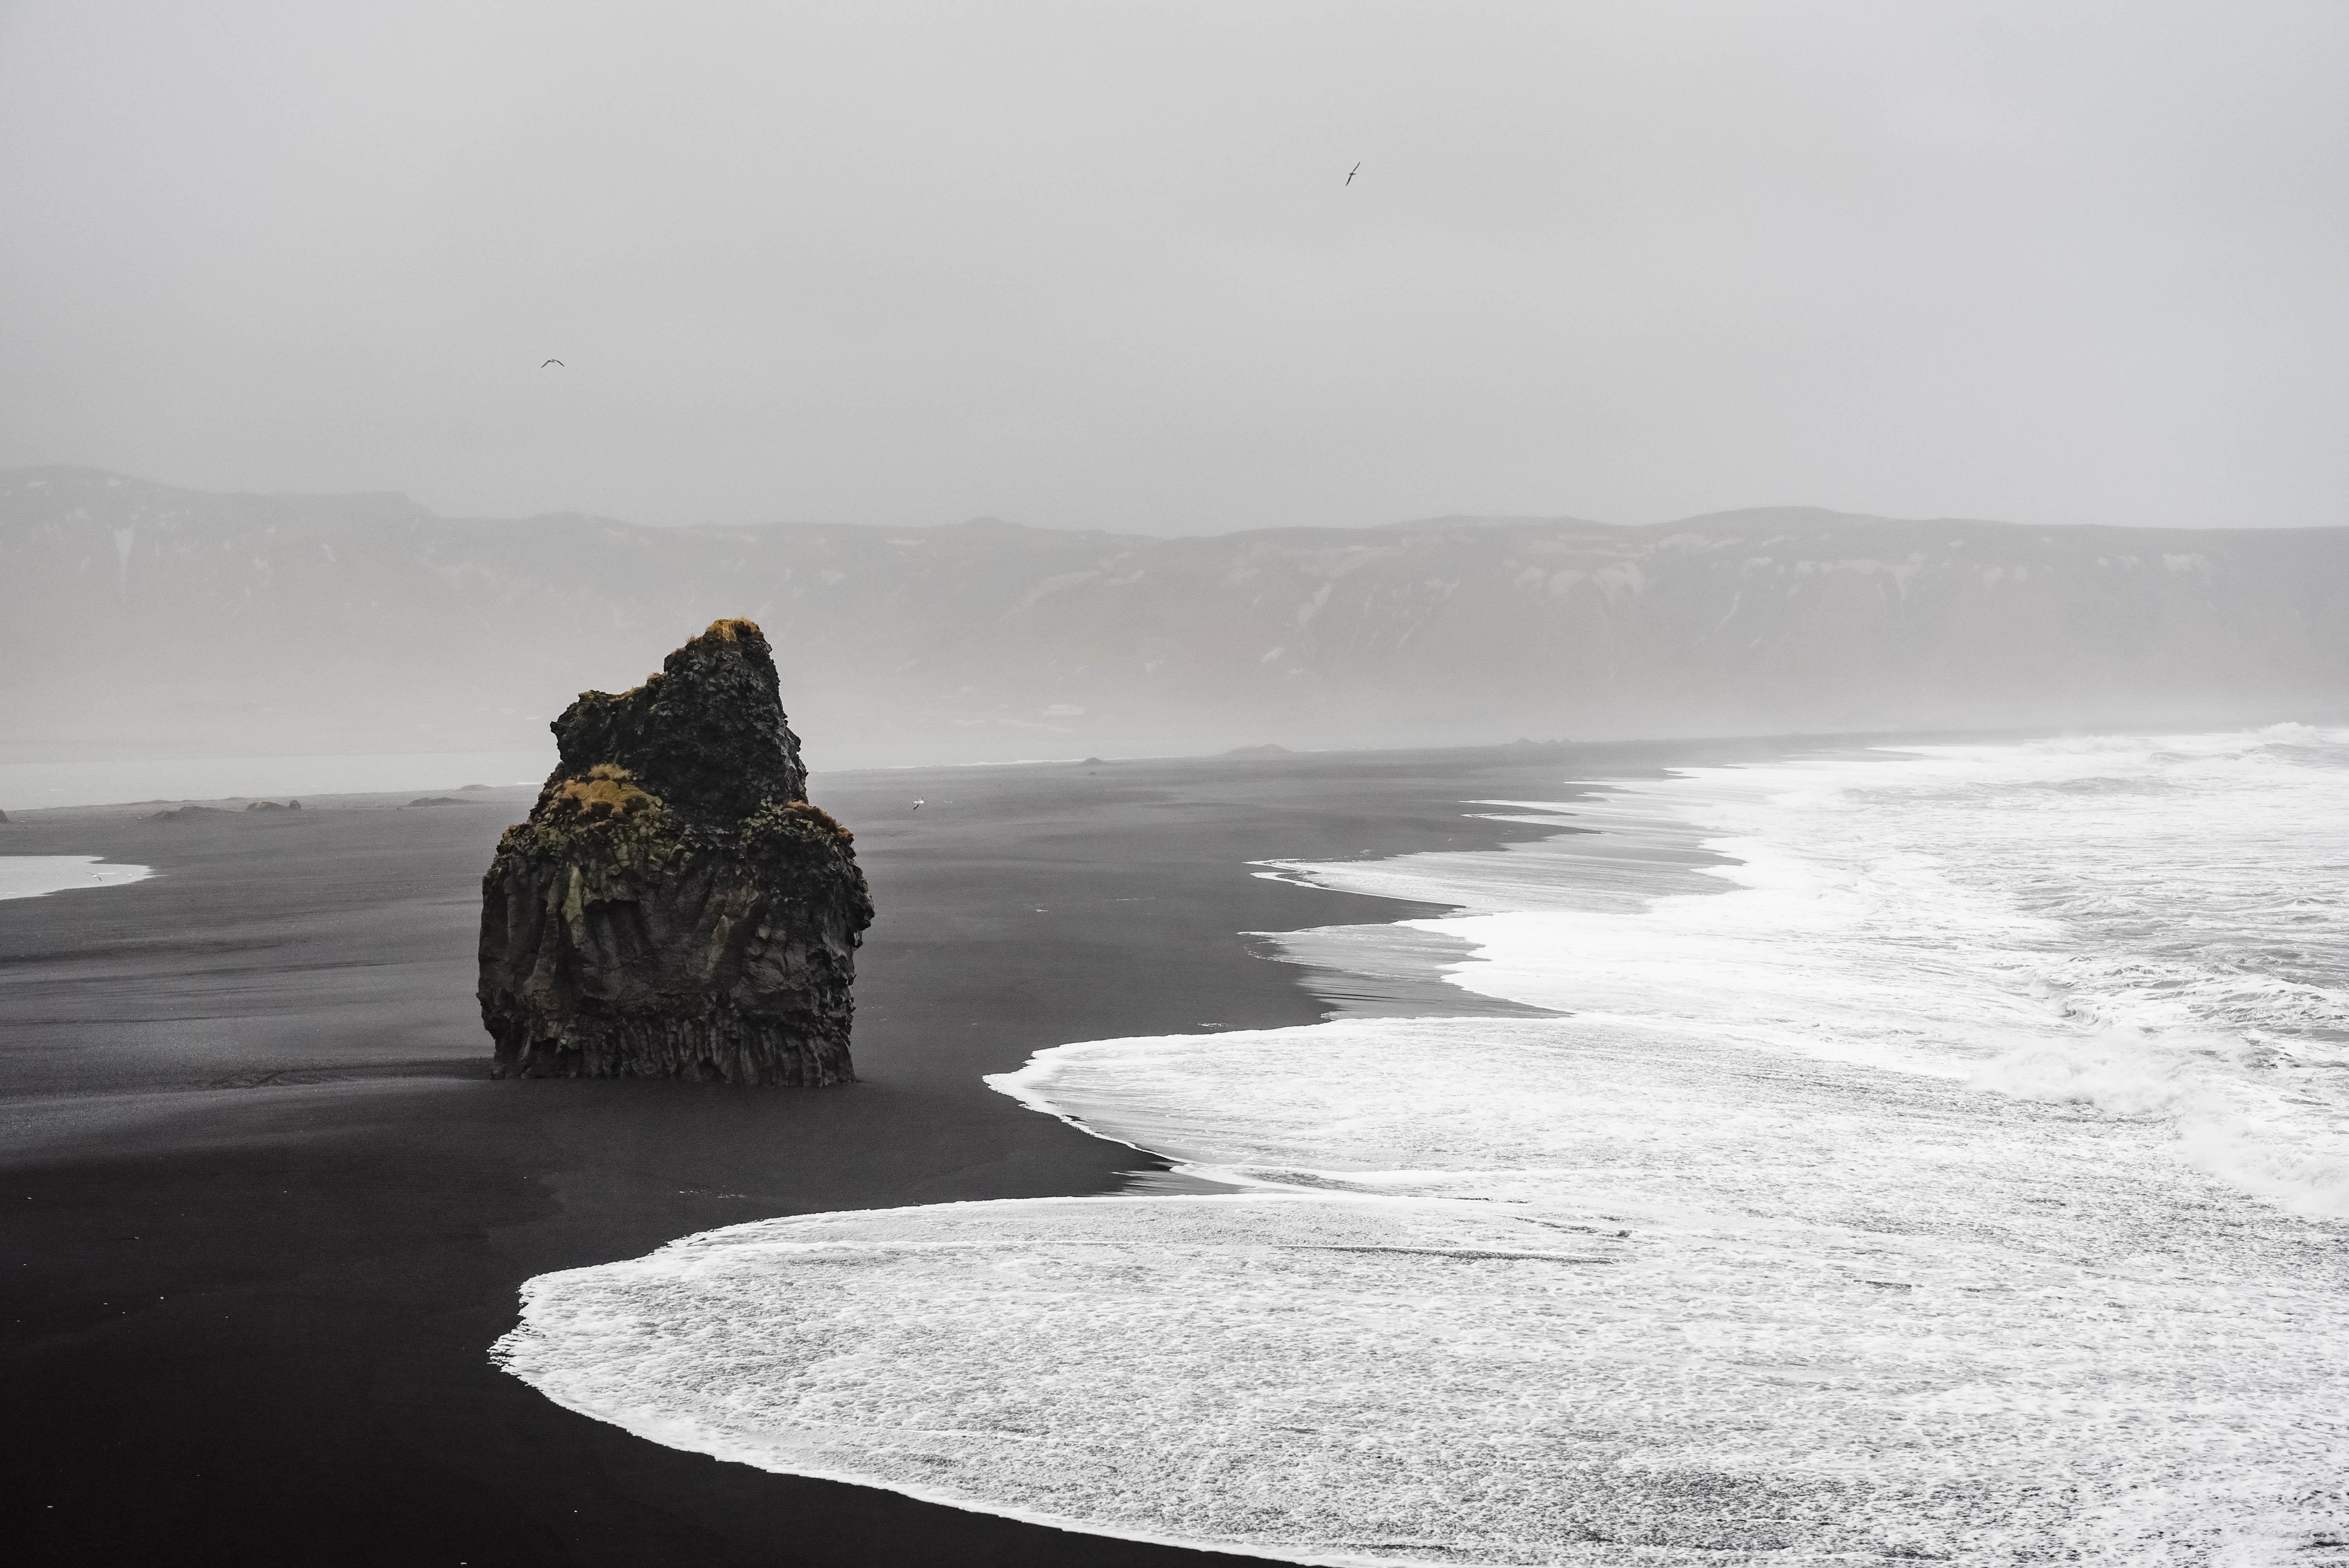 Road-trip d'une semaine en Islande en hiver - Conseils et itinéraire - les recettes de Mélanie